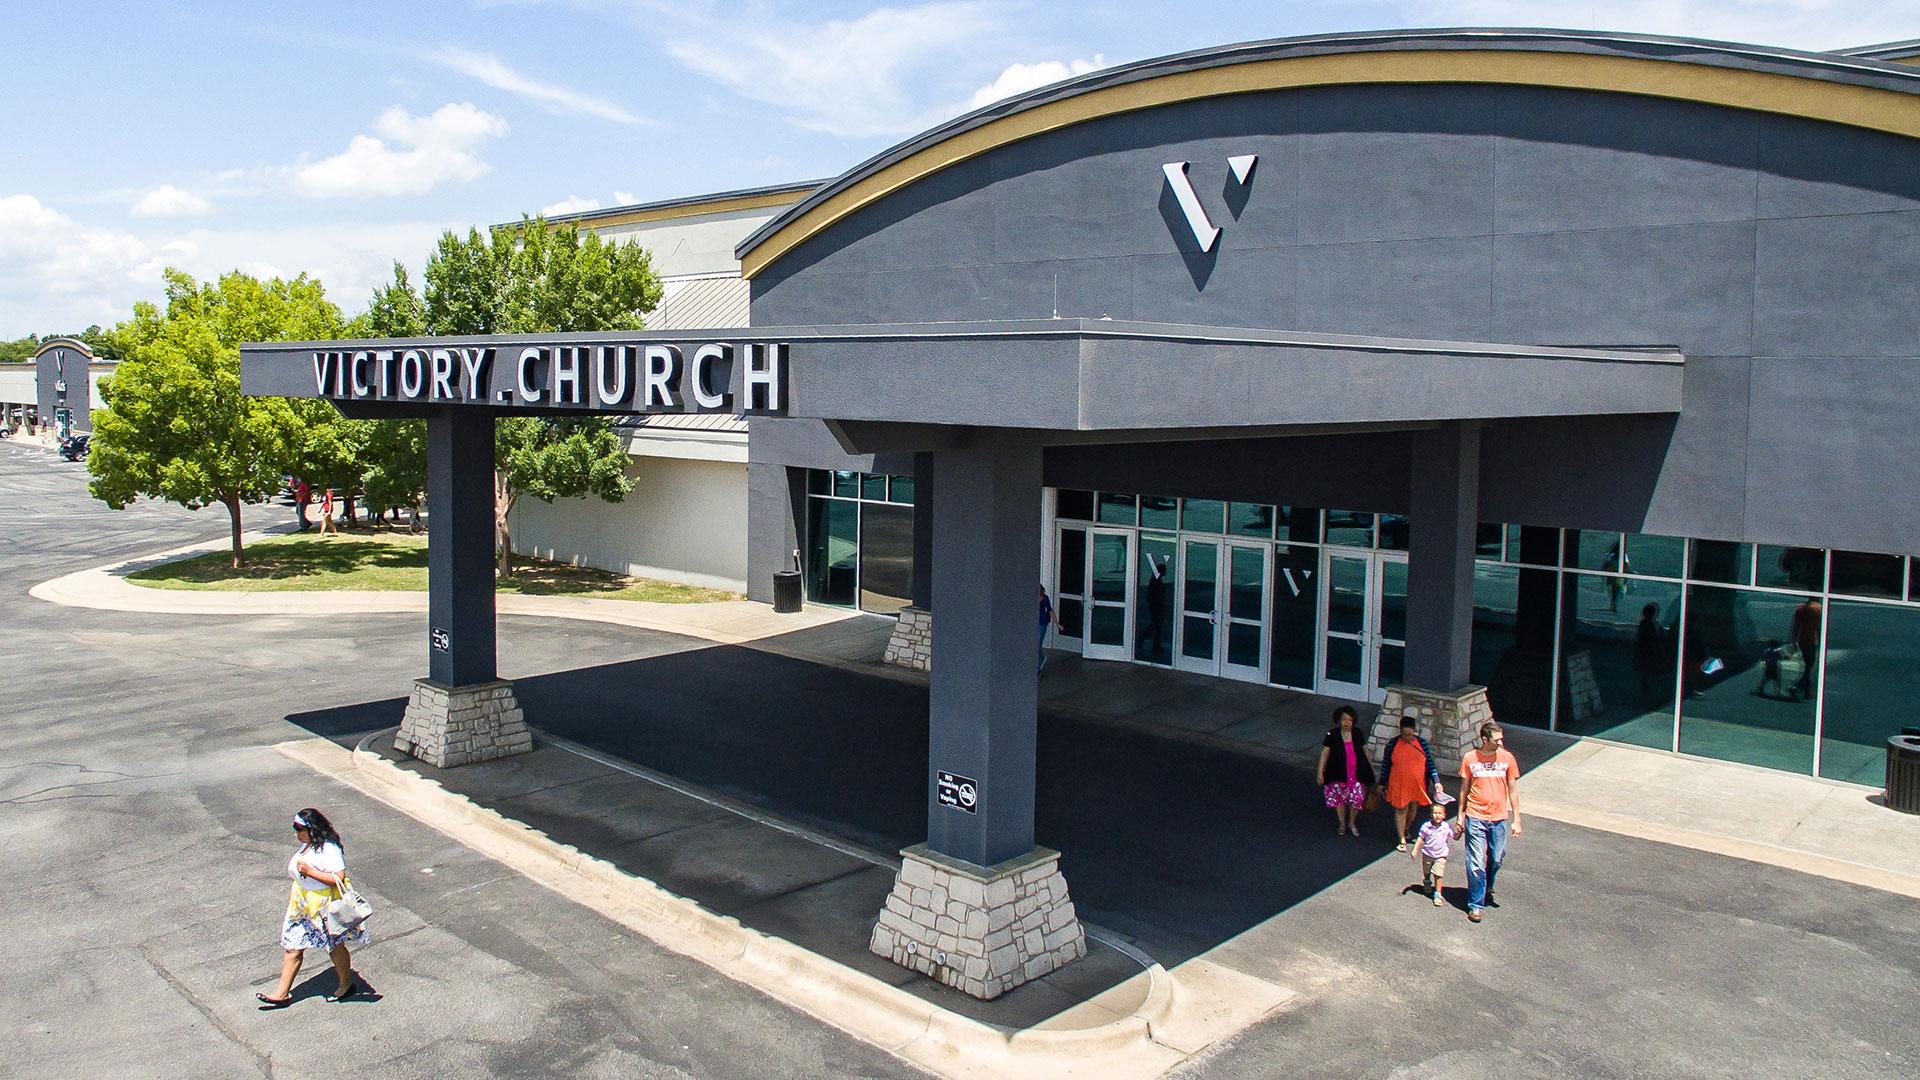 Iglesia Victory Church